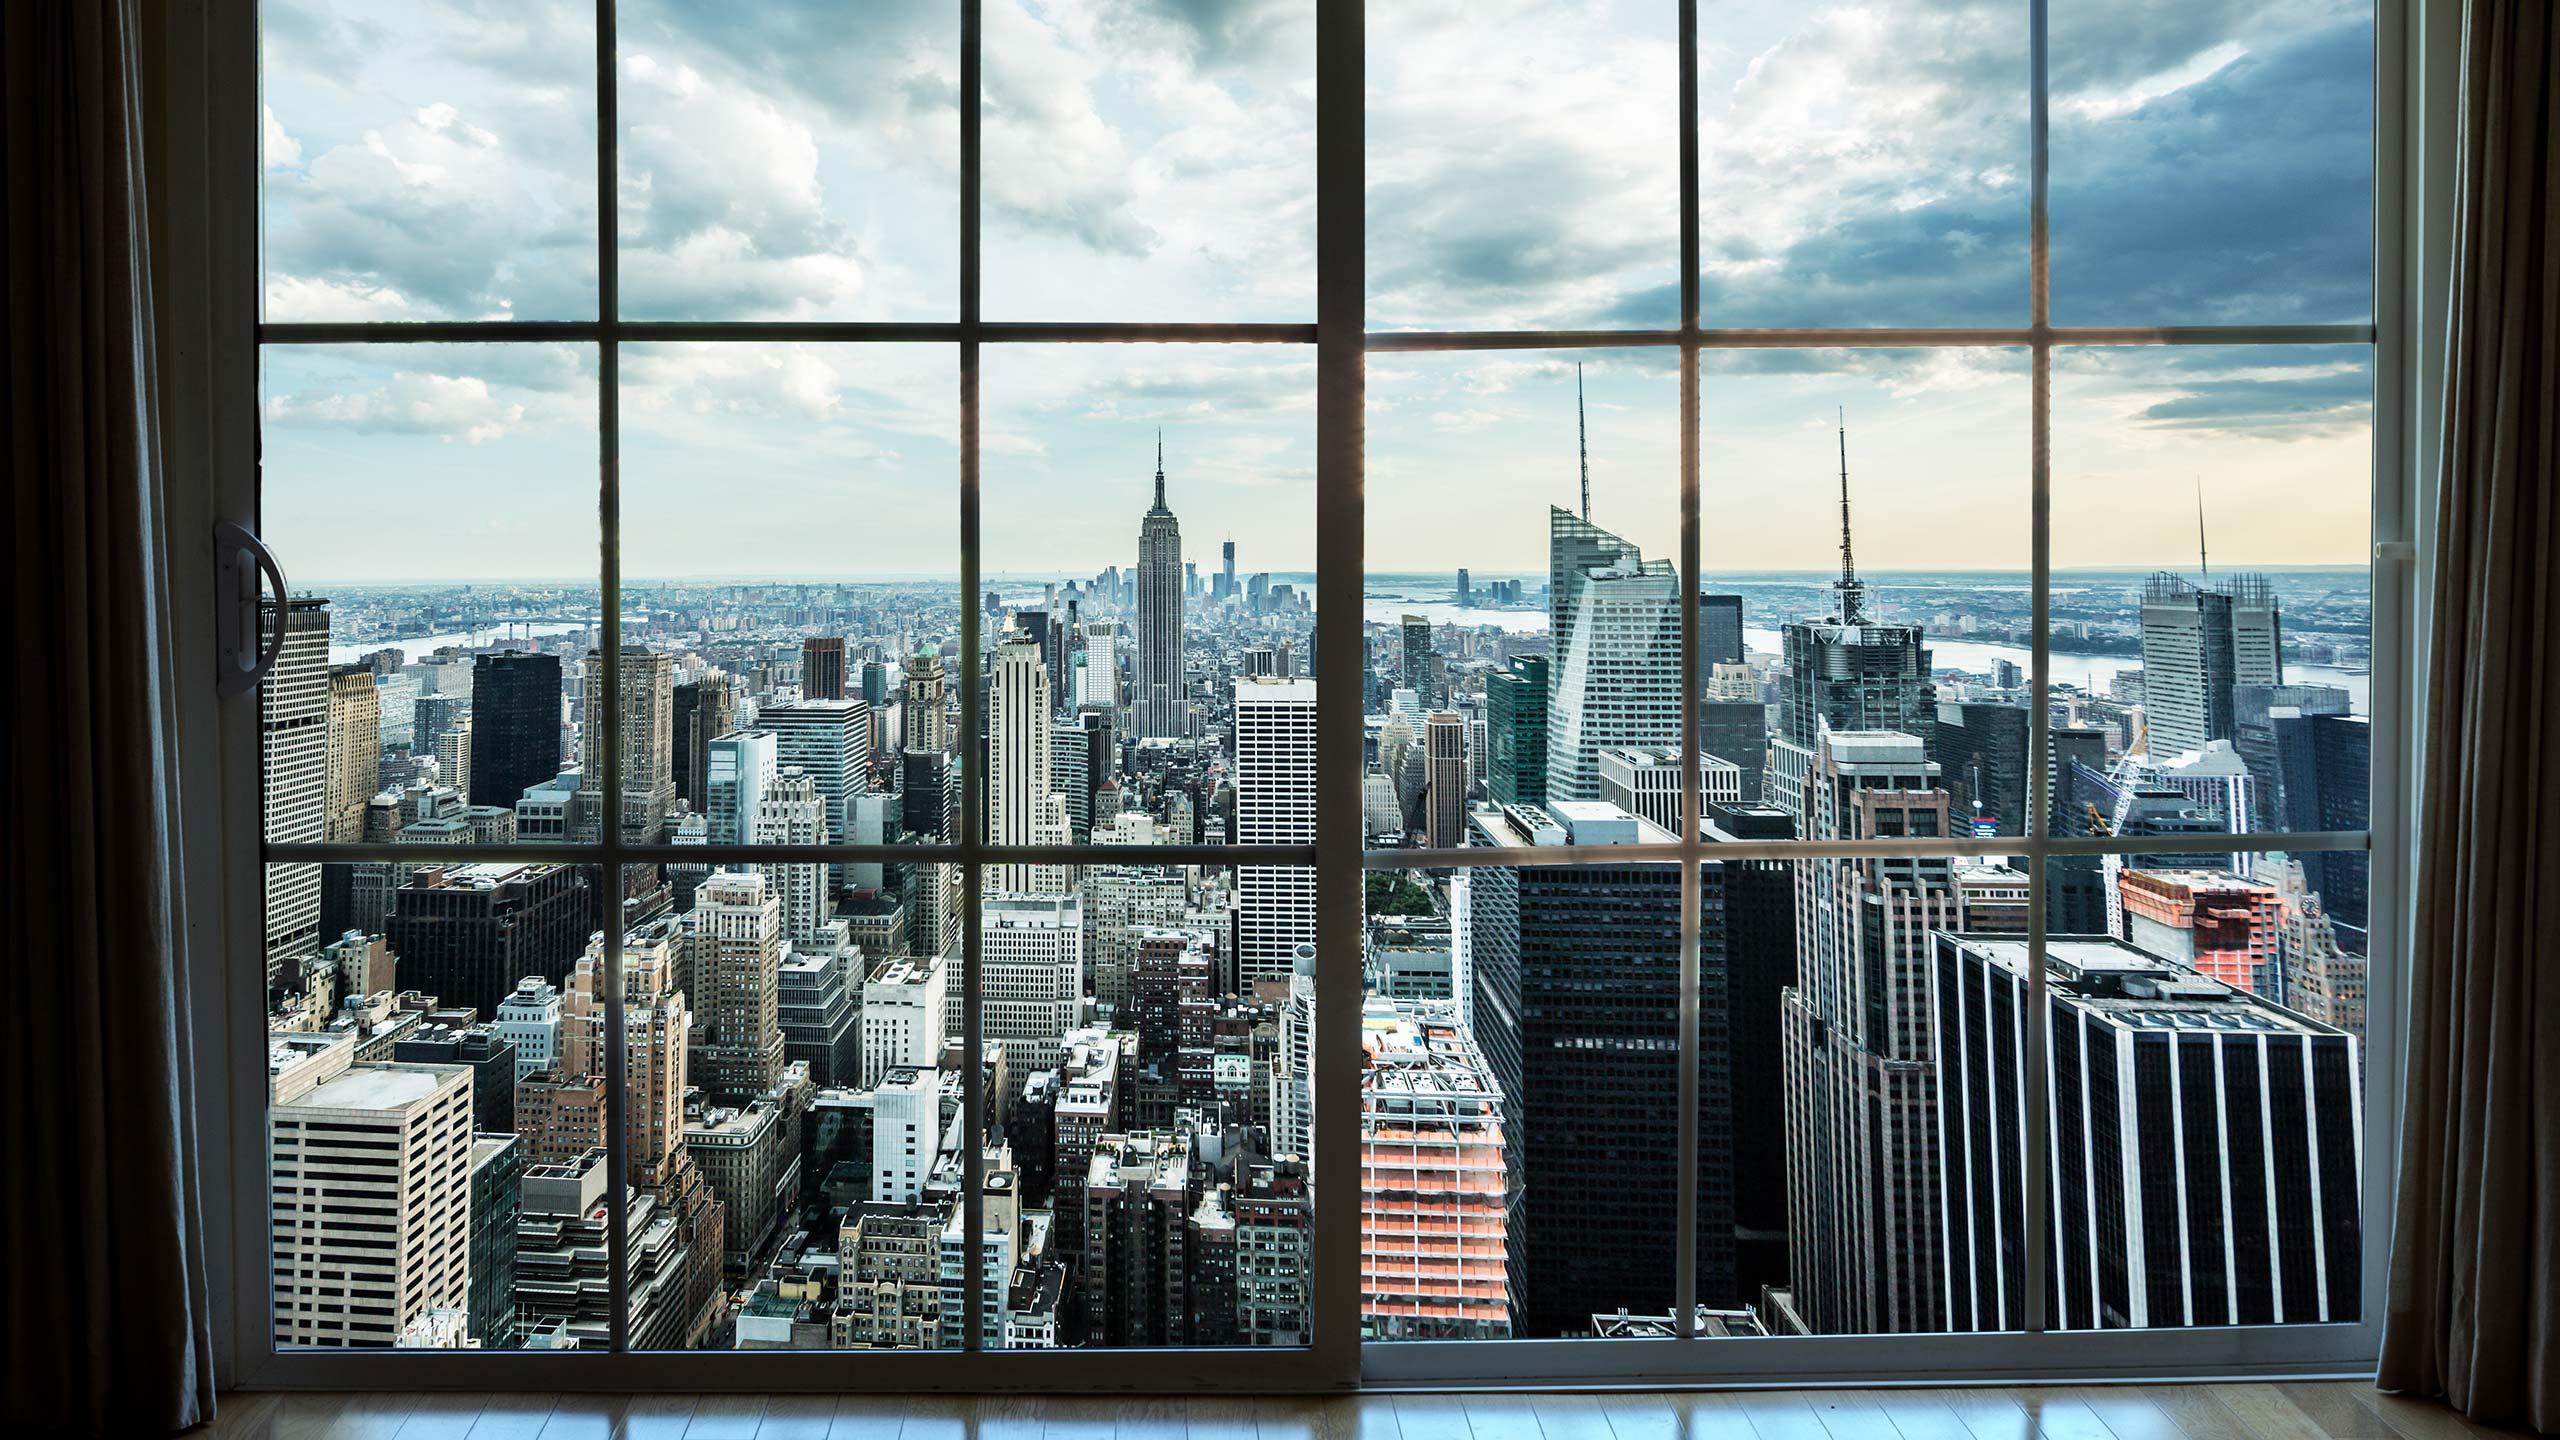 Amadeus køber cloud-virksomheden TravelClick for 1,5 milliarder dollars. Foto: Amadeus.